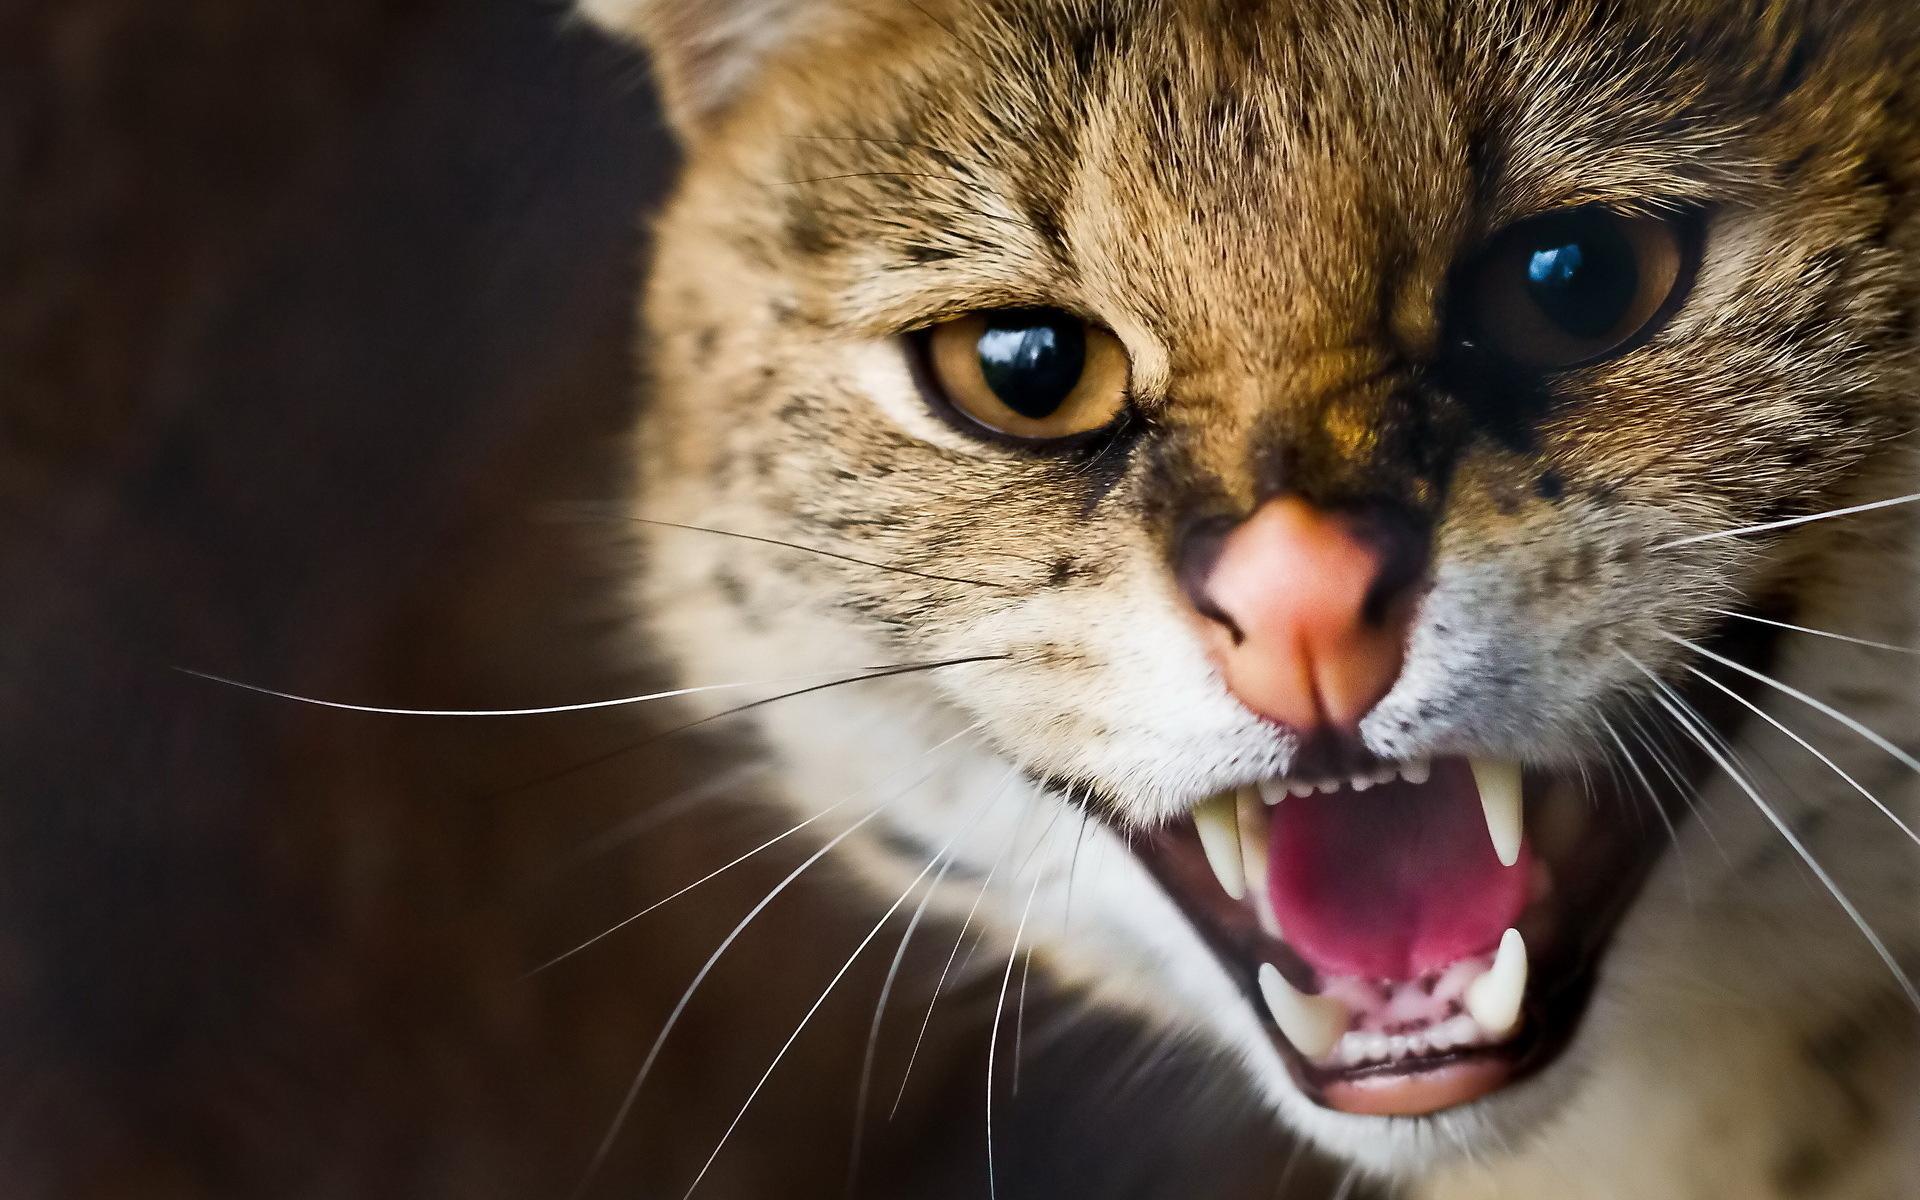 Агрессивные картинки на рабочий стол, кошки